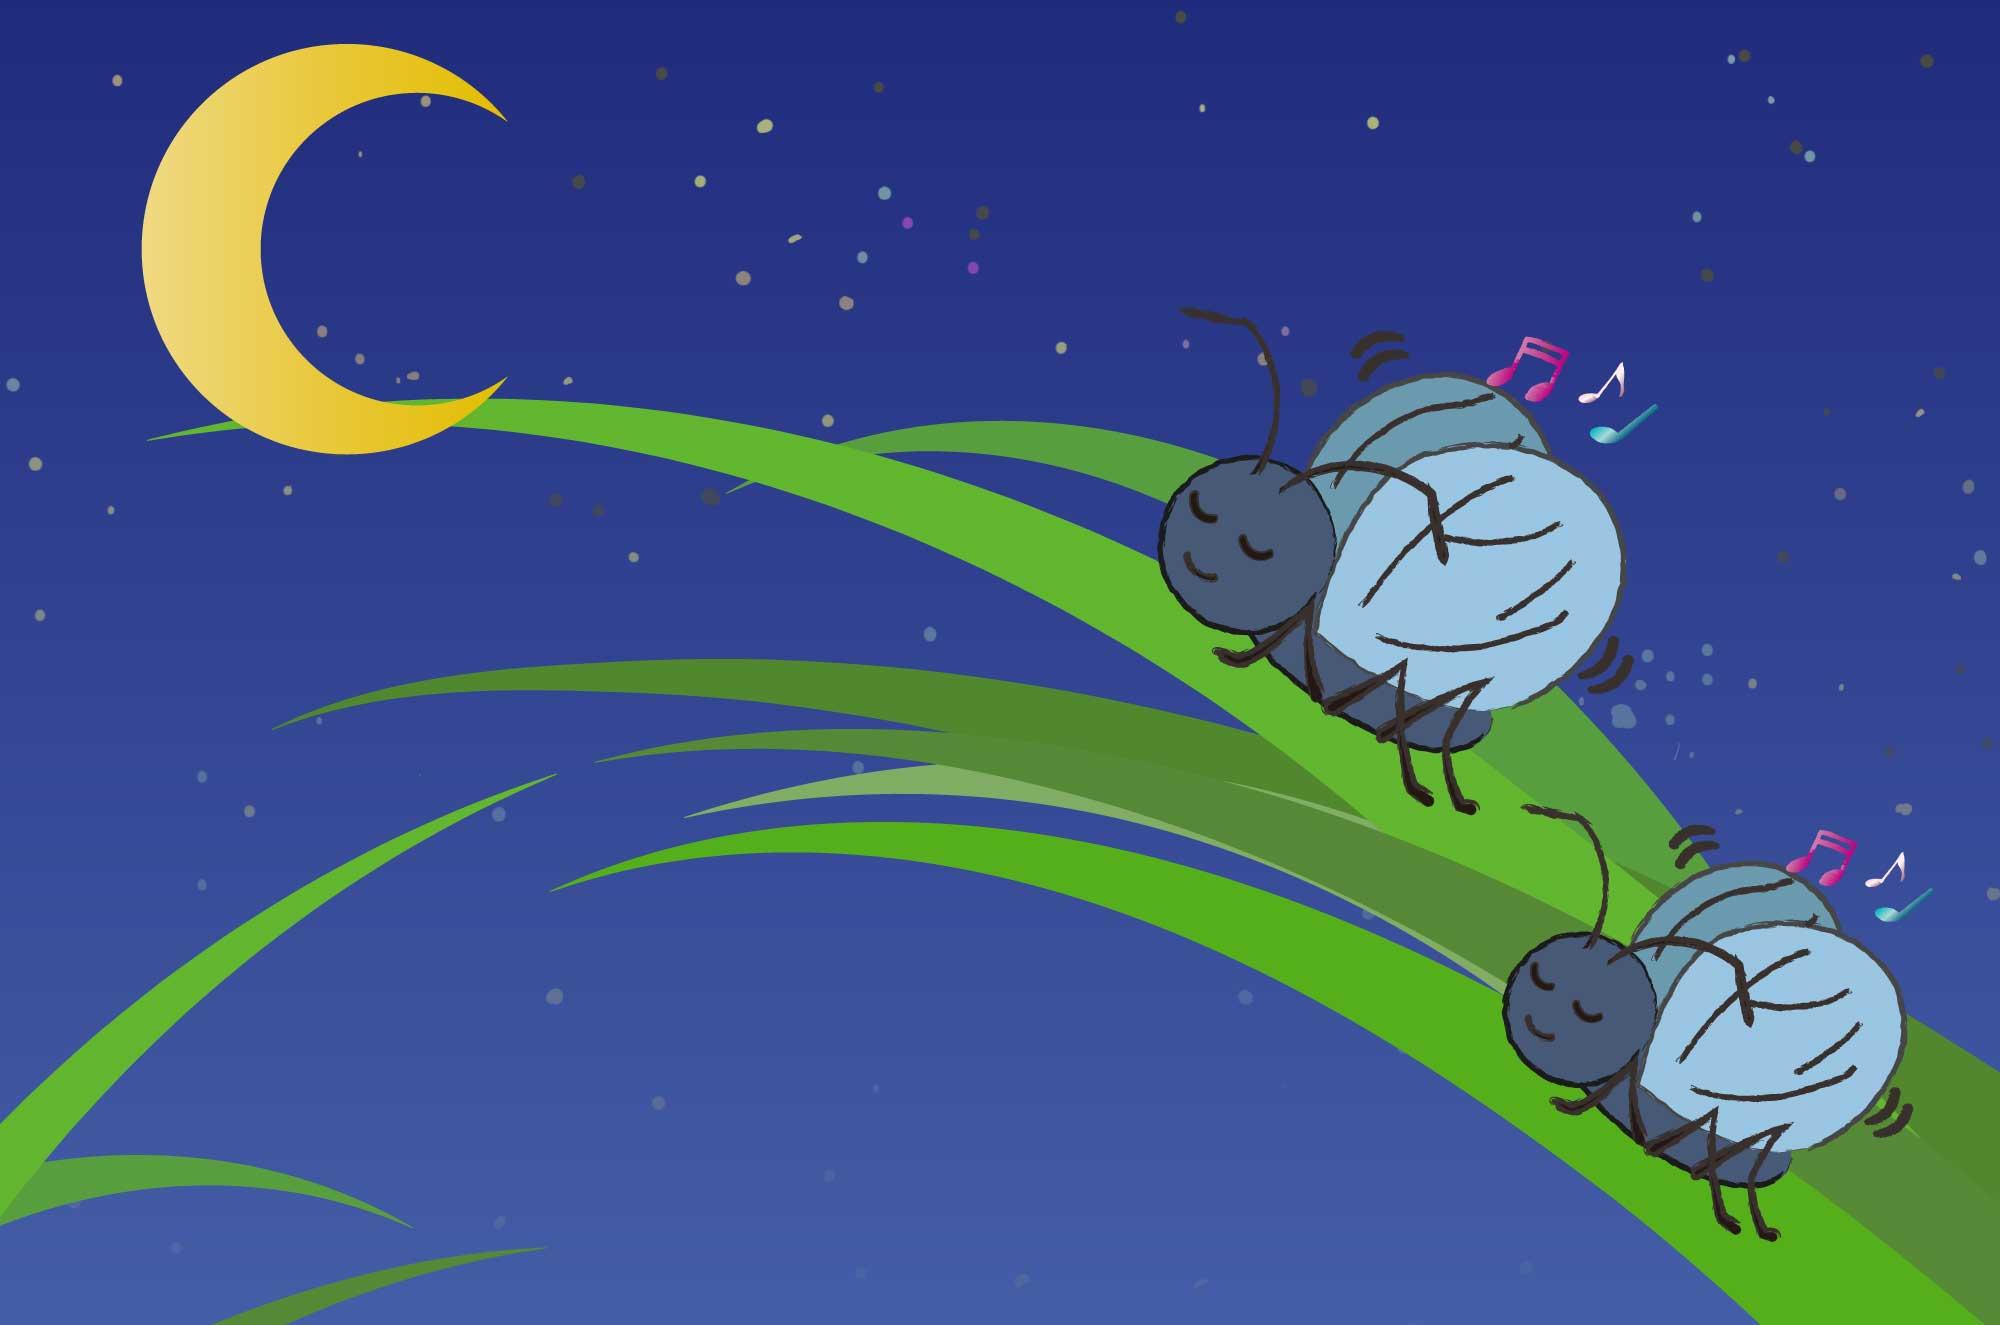 鈴虫のイラスト - 夜の虫の大合唱が風流な昆虫素材